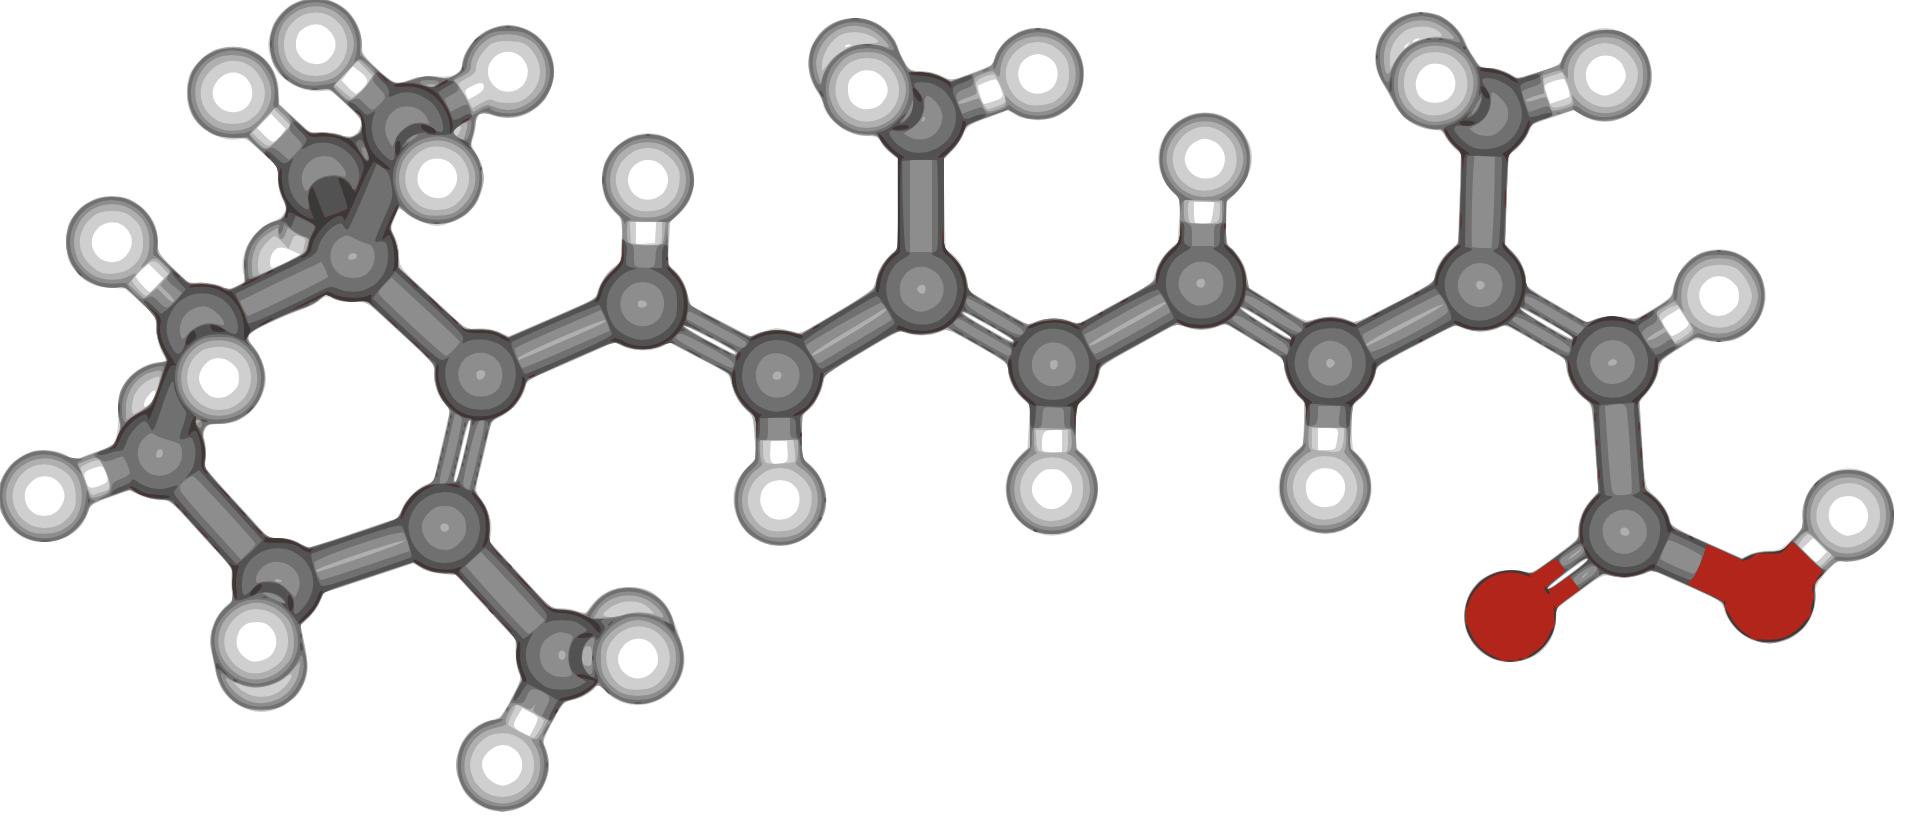 Isotretinoin (Accutane) Analysis